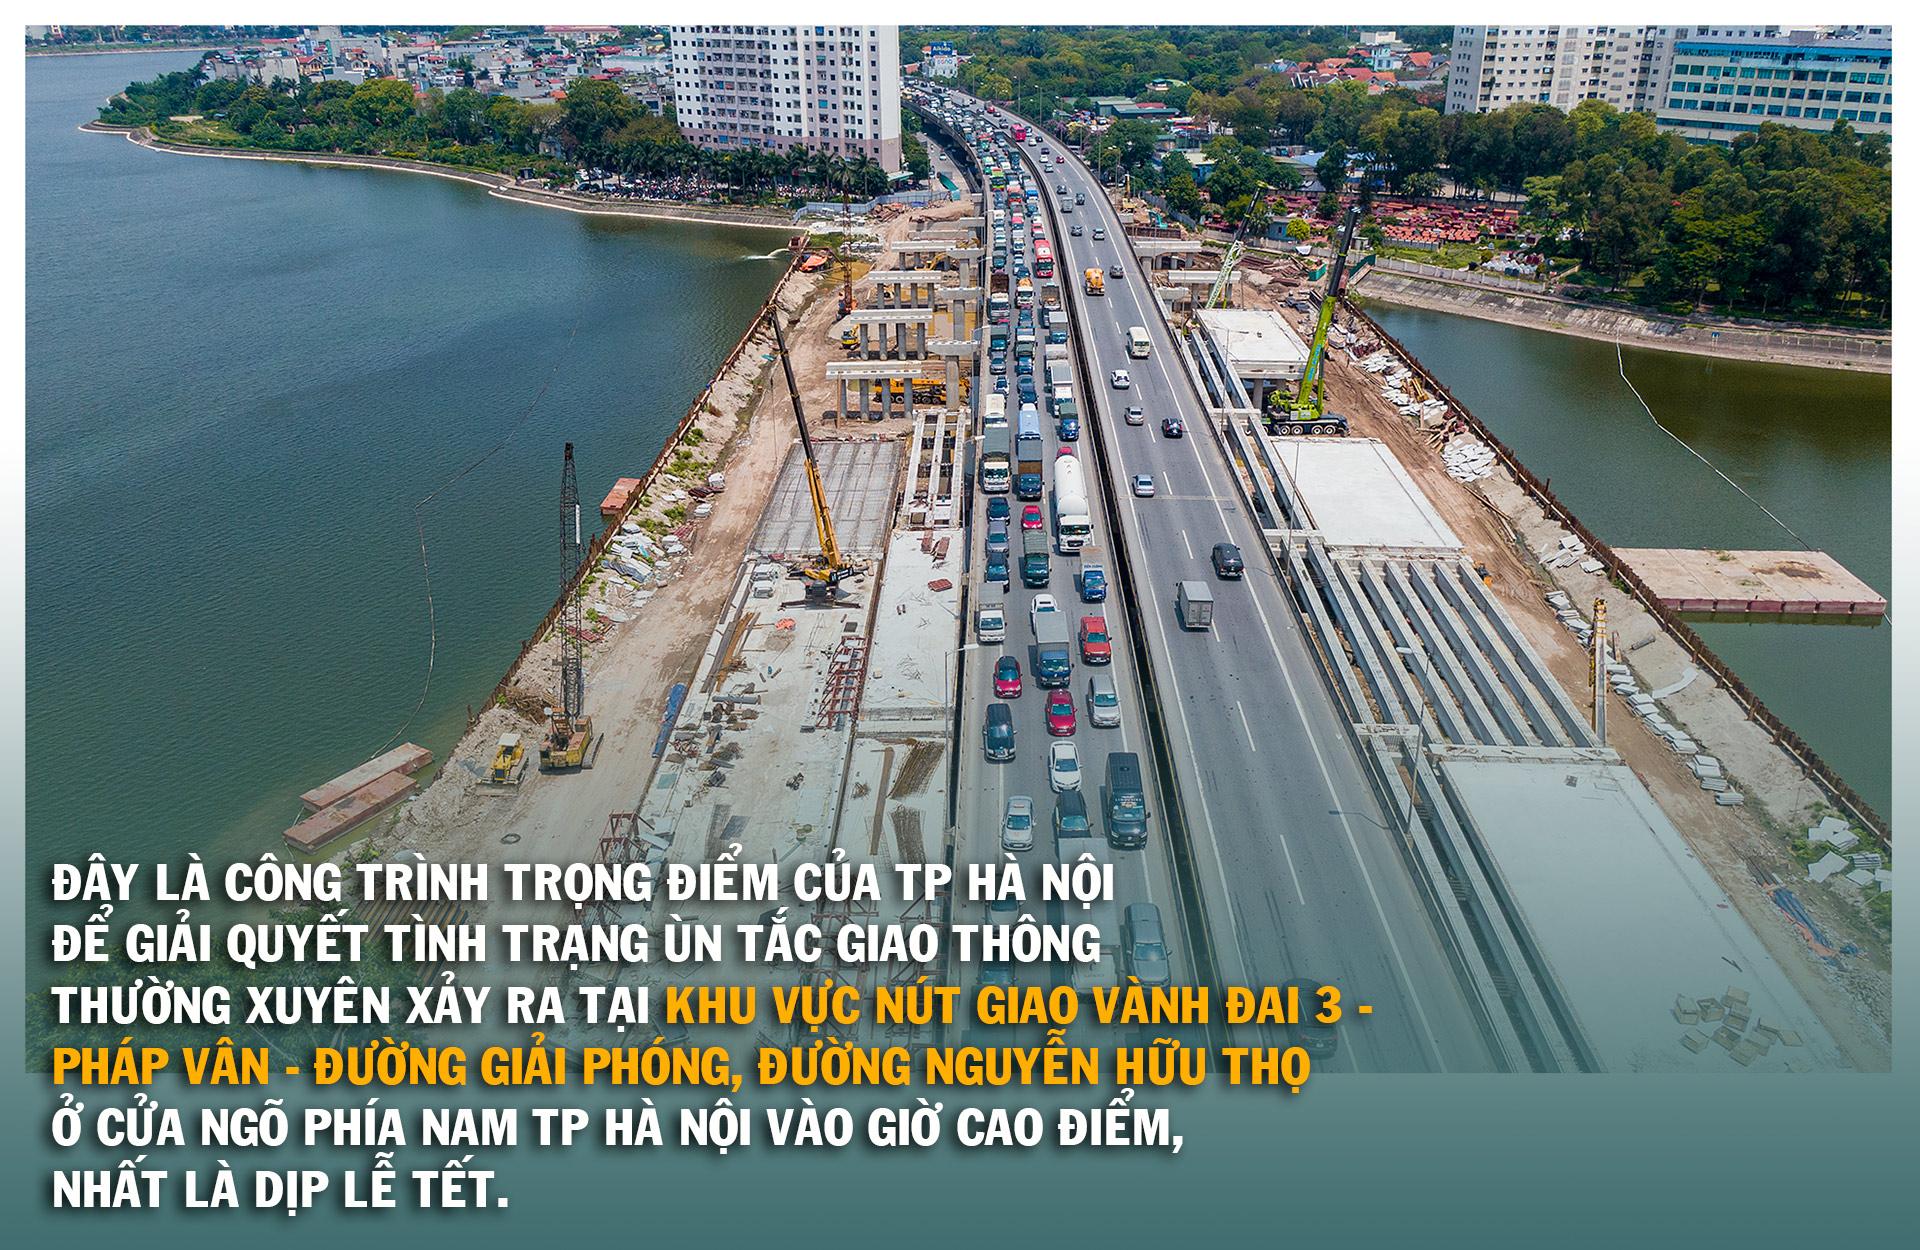 Toàn cảnh cầu hàng trăm tỷ vượt qua hồ nước đẹp bậc nhất Hà Nội - 5